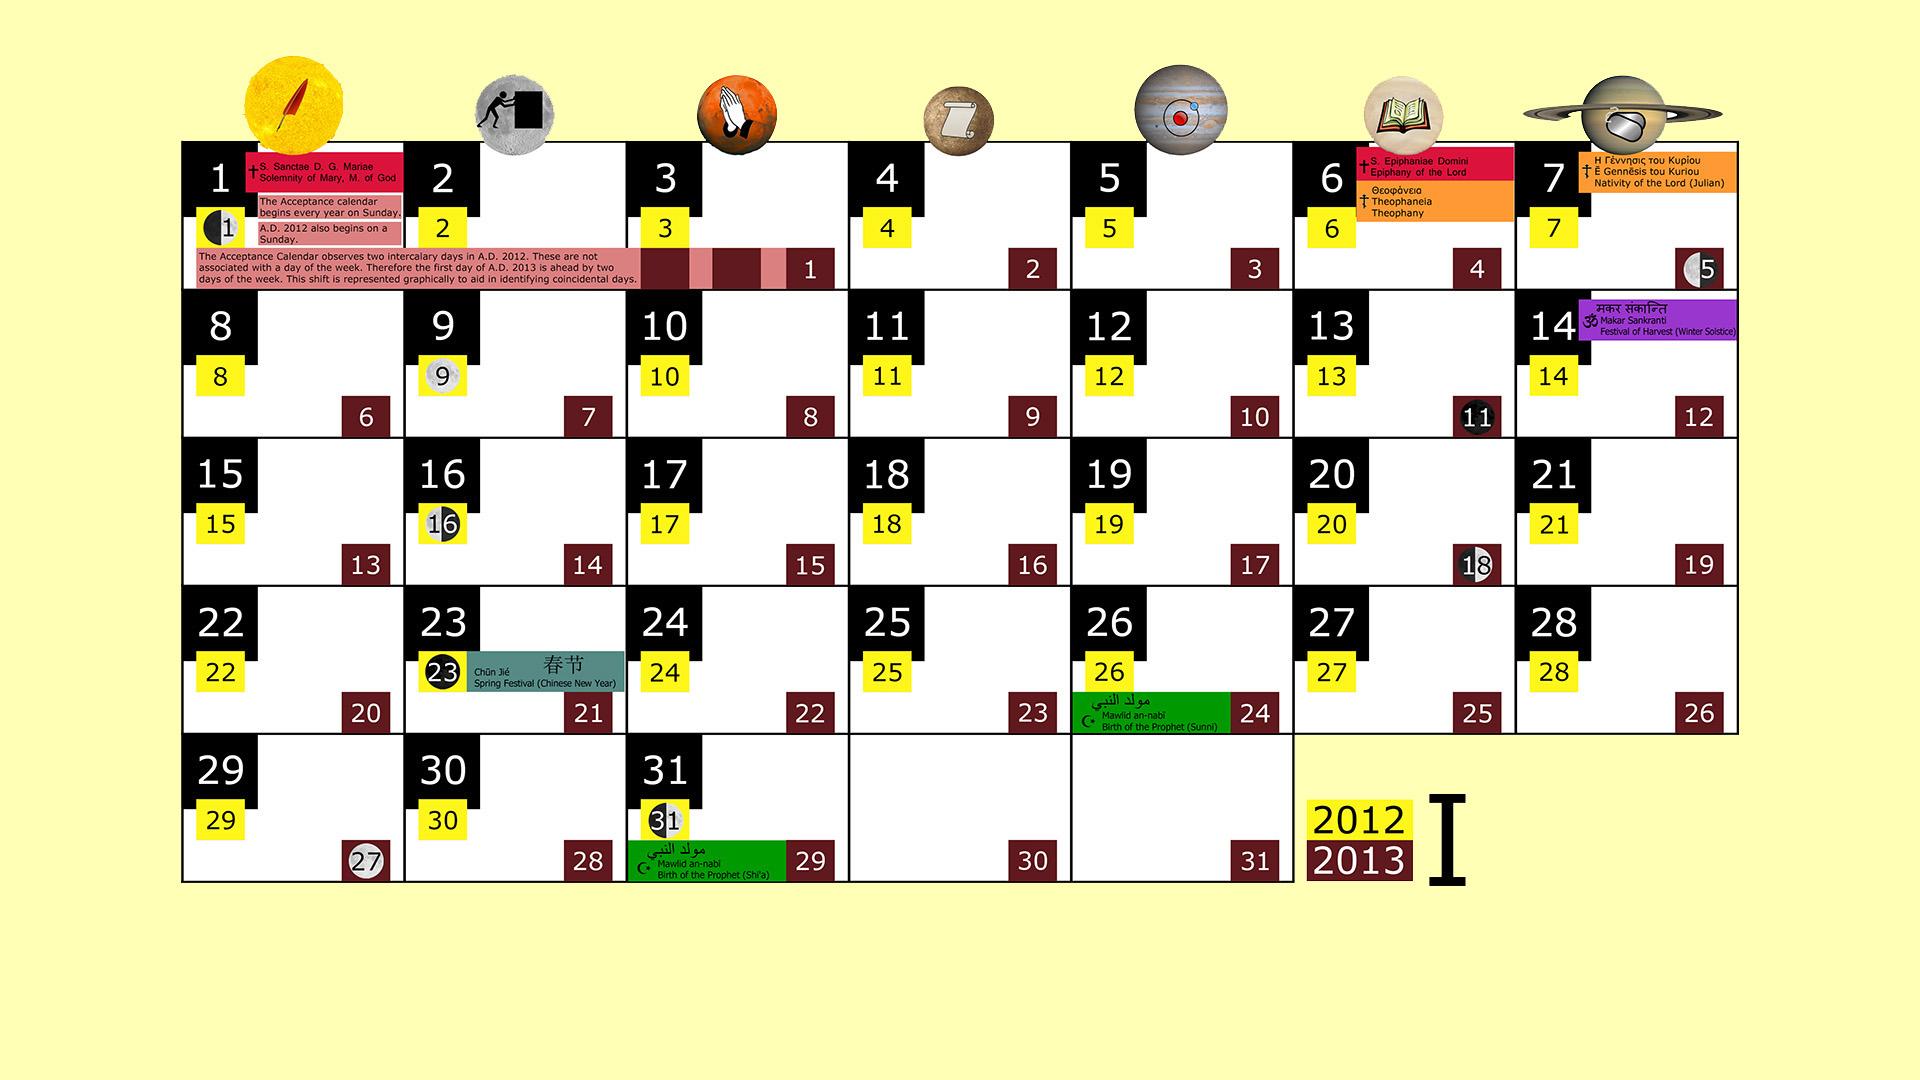 Miesięczny kalendarz świąt na styczeń 2012 and 2013 na żółtym tle